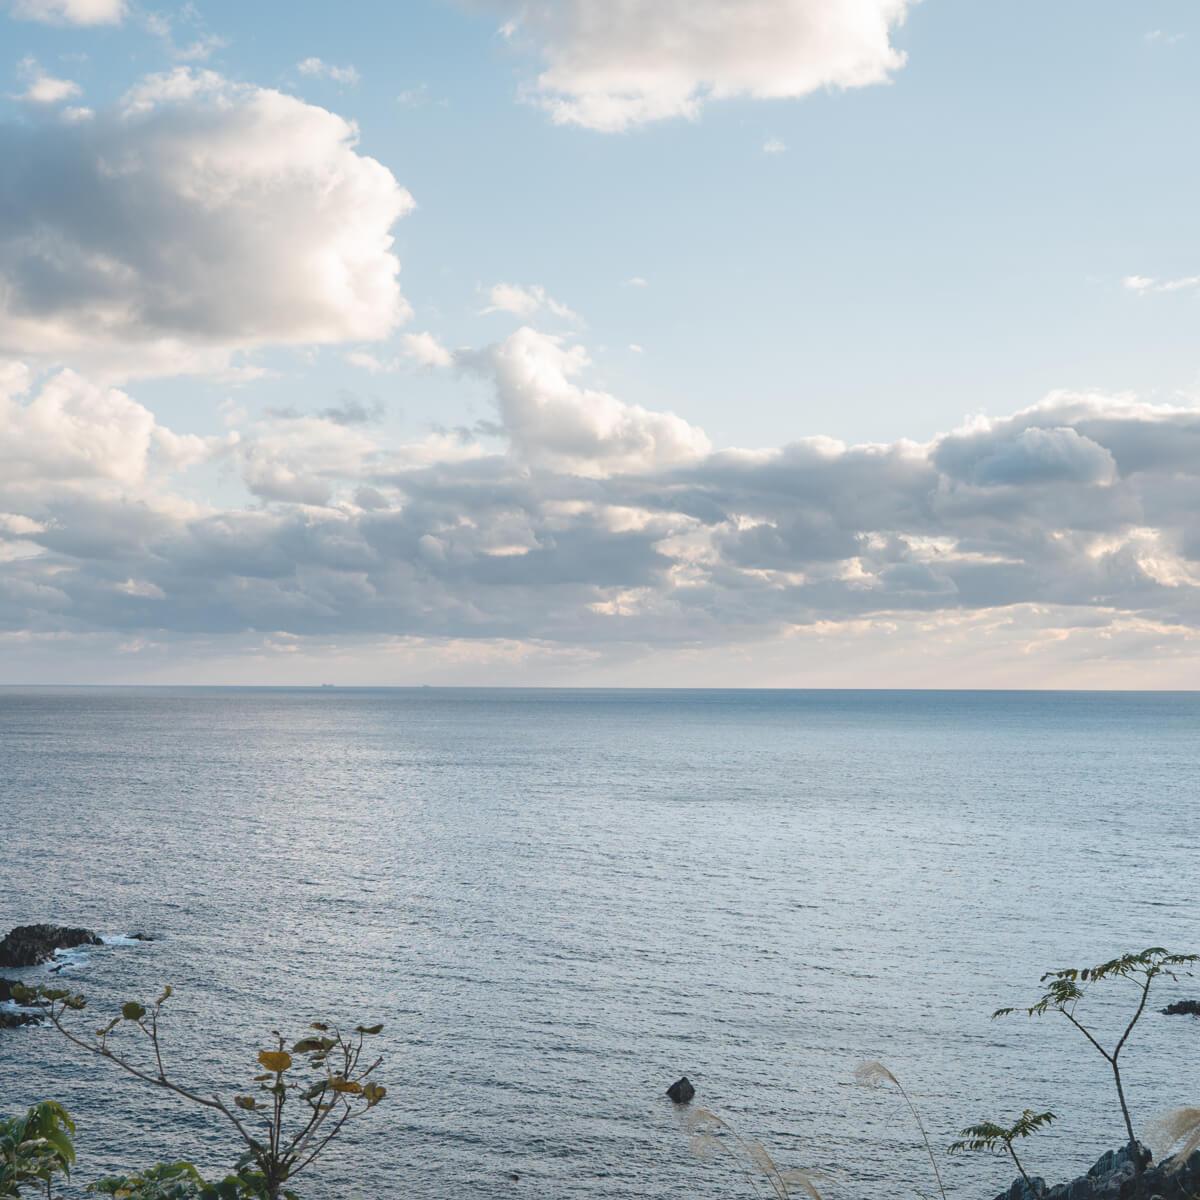 屋久島の海 屋久島海とジュエリー 屋久島でつくる結婚指輪